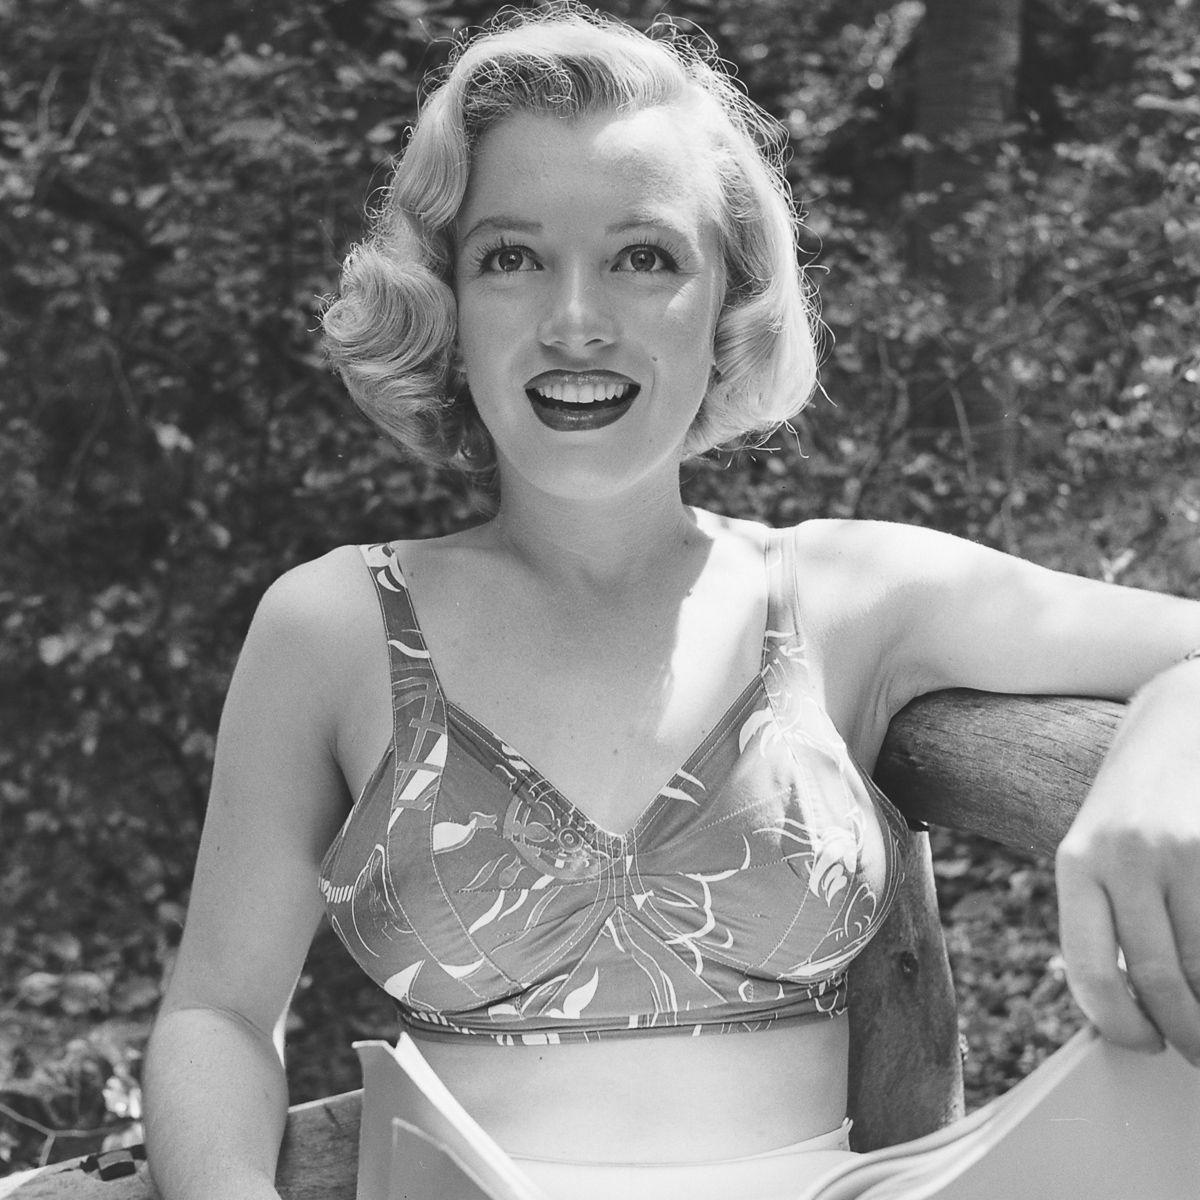 Fotos raras de Marilyn Monroe caminhando no bosque antes de ser famosa 07